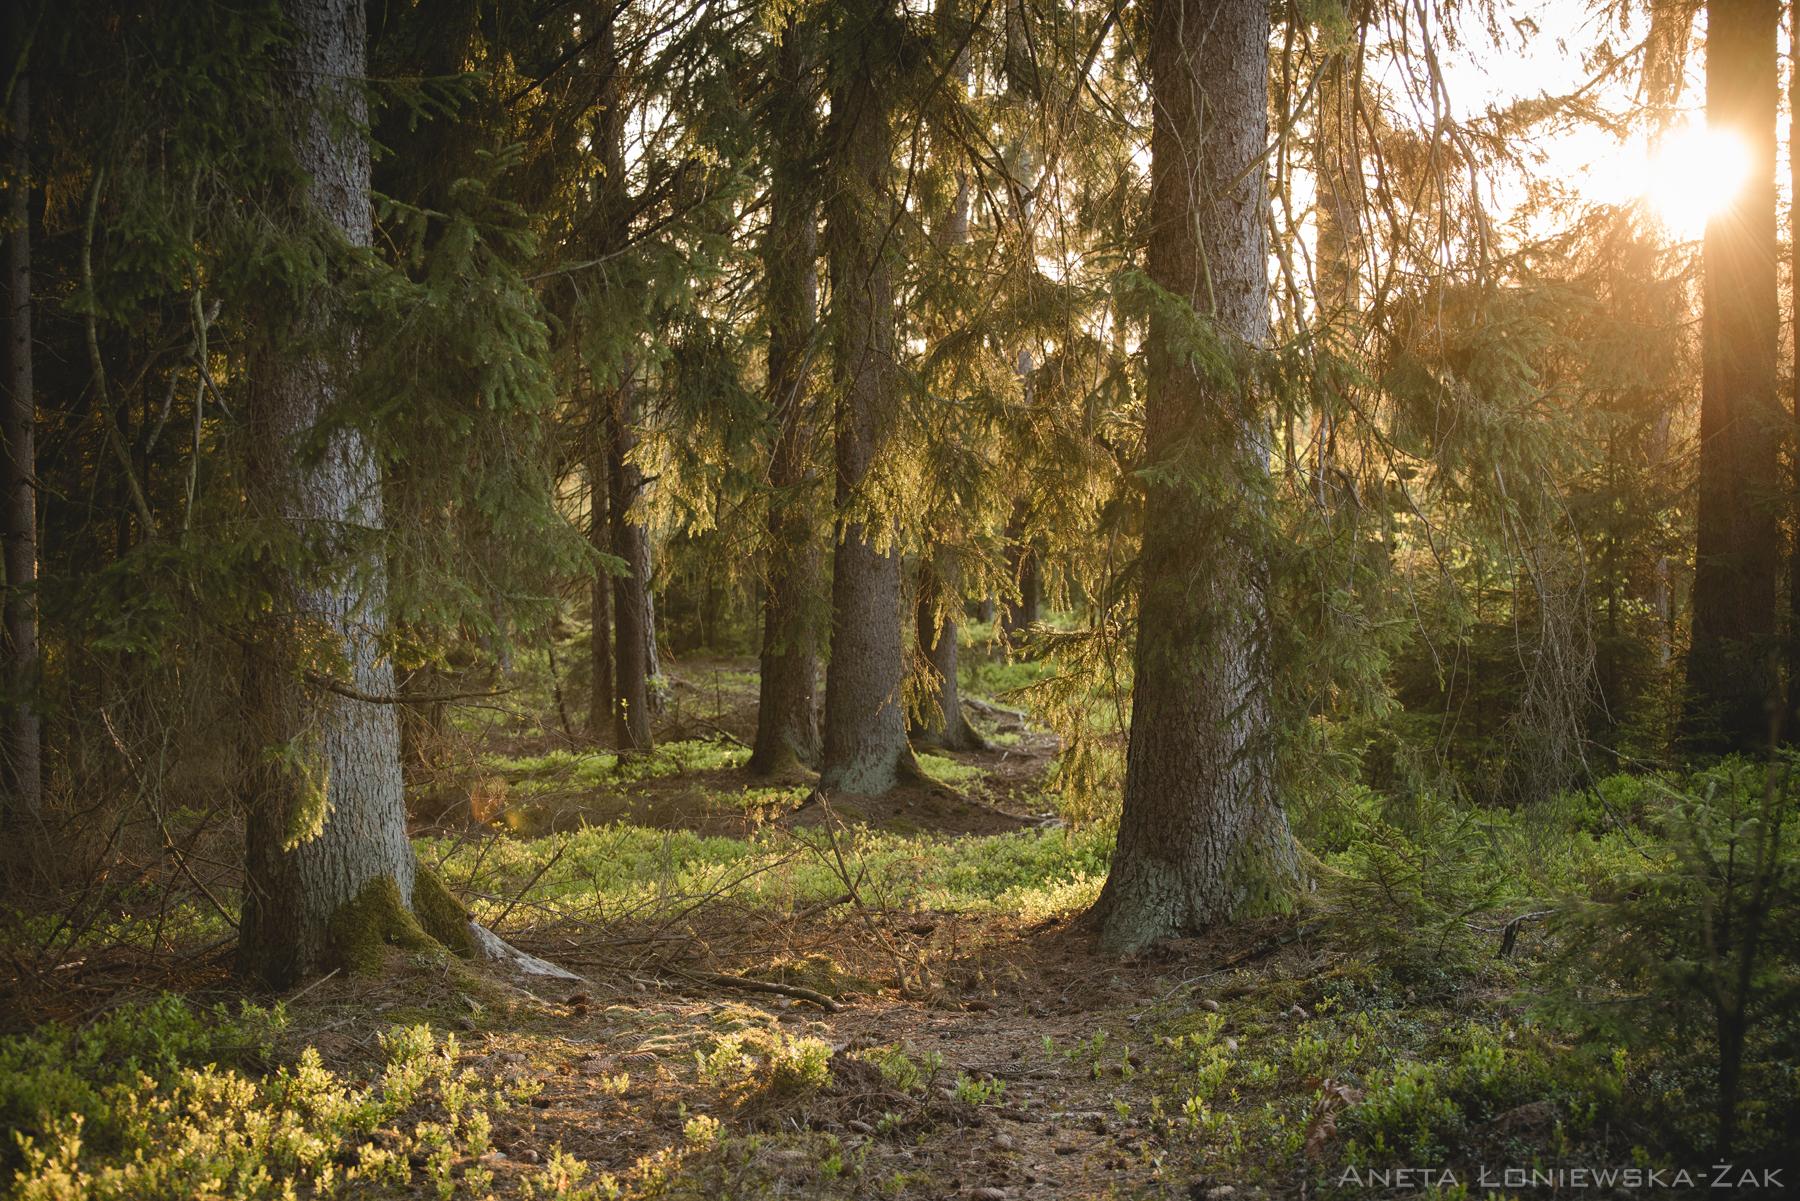 fotografia przyrodnicza, puszcza knyszyńska, świerk, kulikówka, las